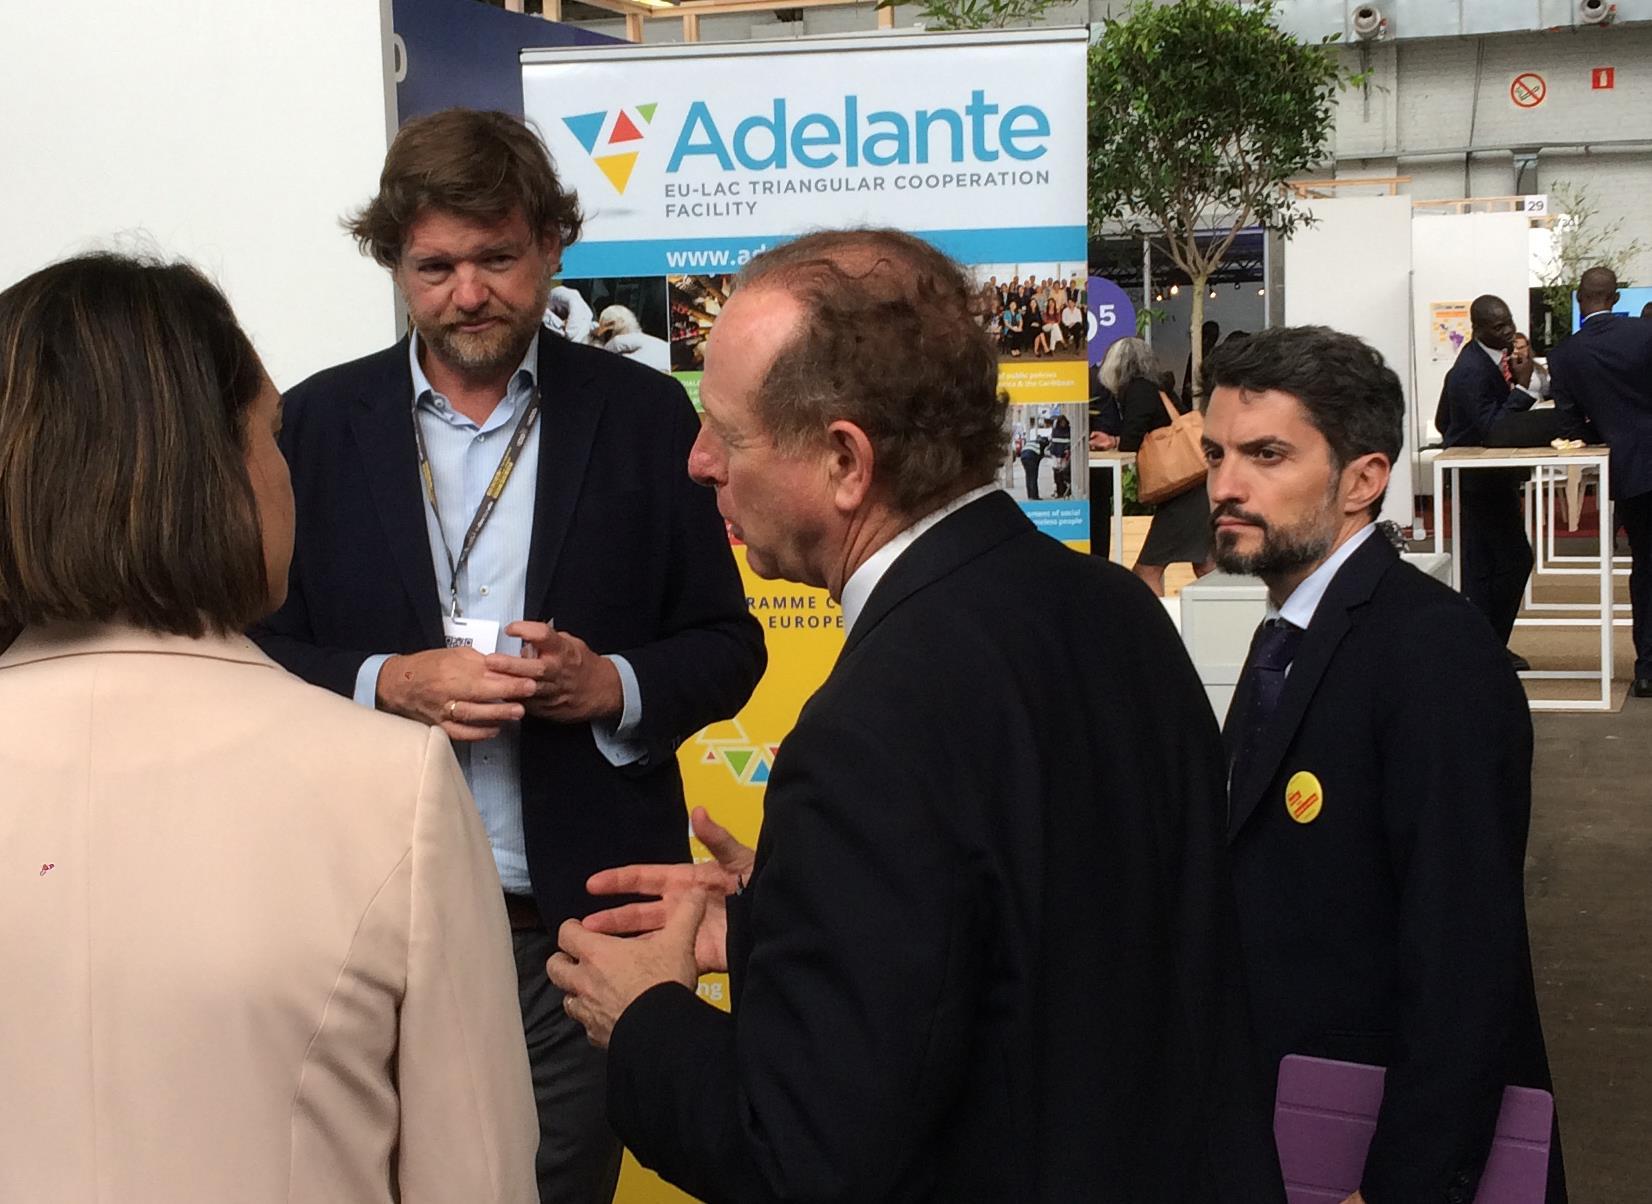 Javier Gavilanes, Jefe de Equipo de la Asistencia Técnica presentando los proyectos de ADELANTE a Luis Tejada, director de la Agencia Española de Cooperación Internacional y a su equipo.